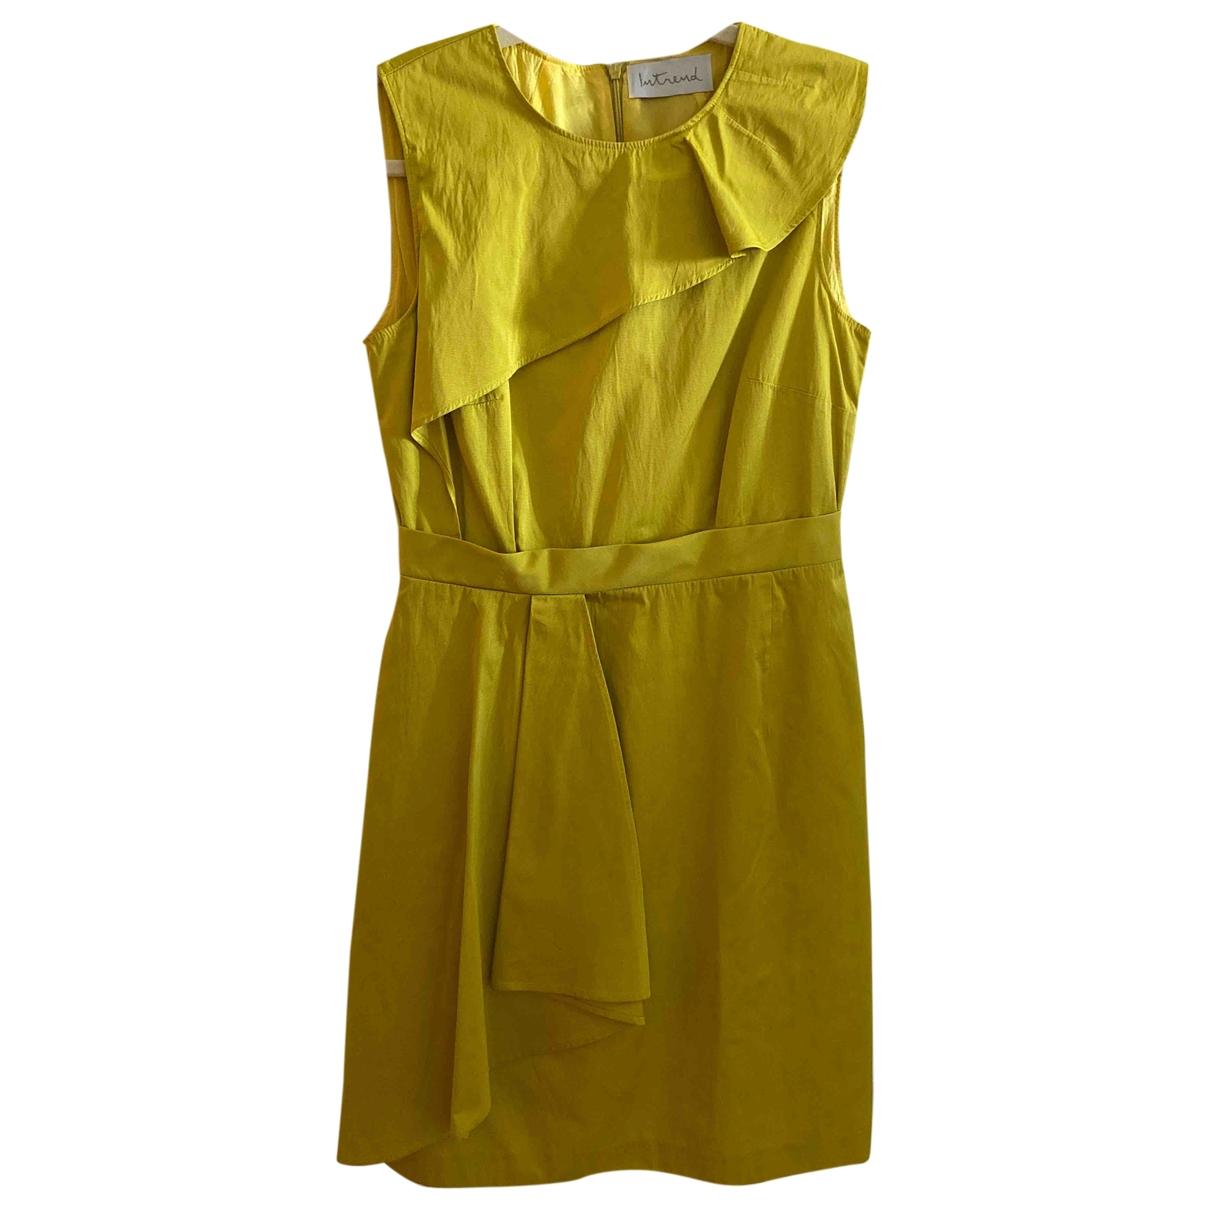 Intrend \N Kleid in  Gelb Baumwolle